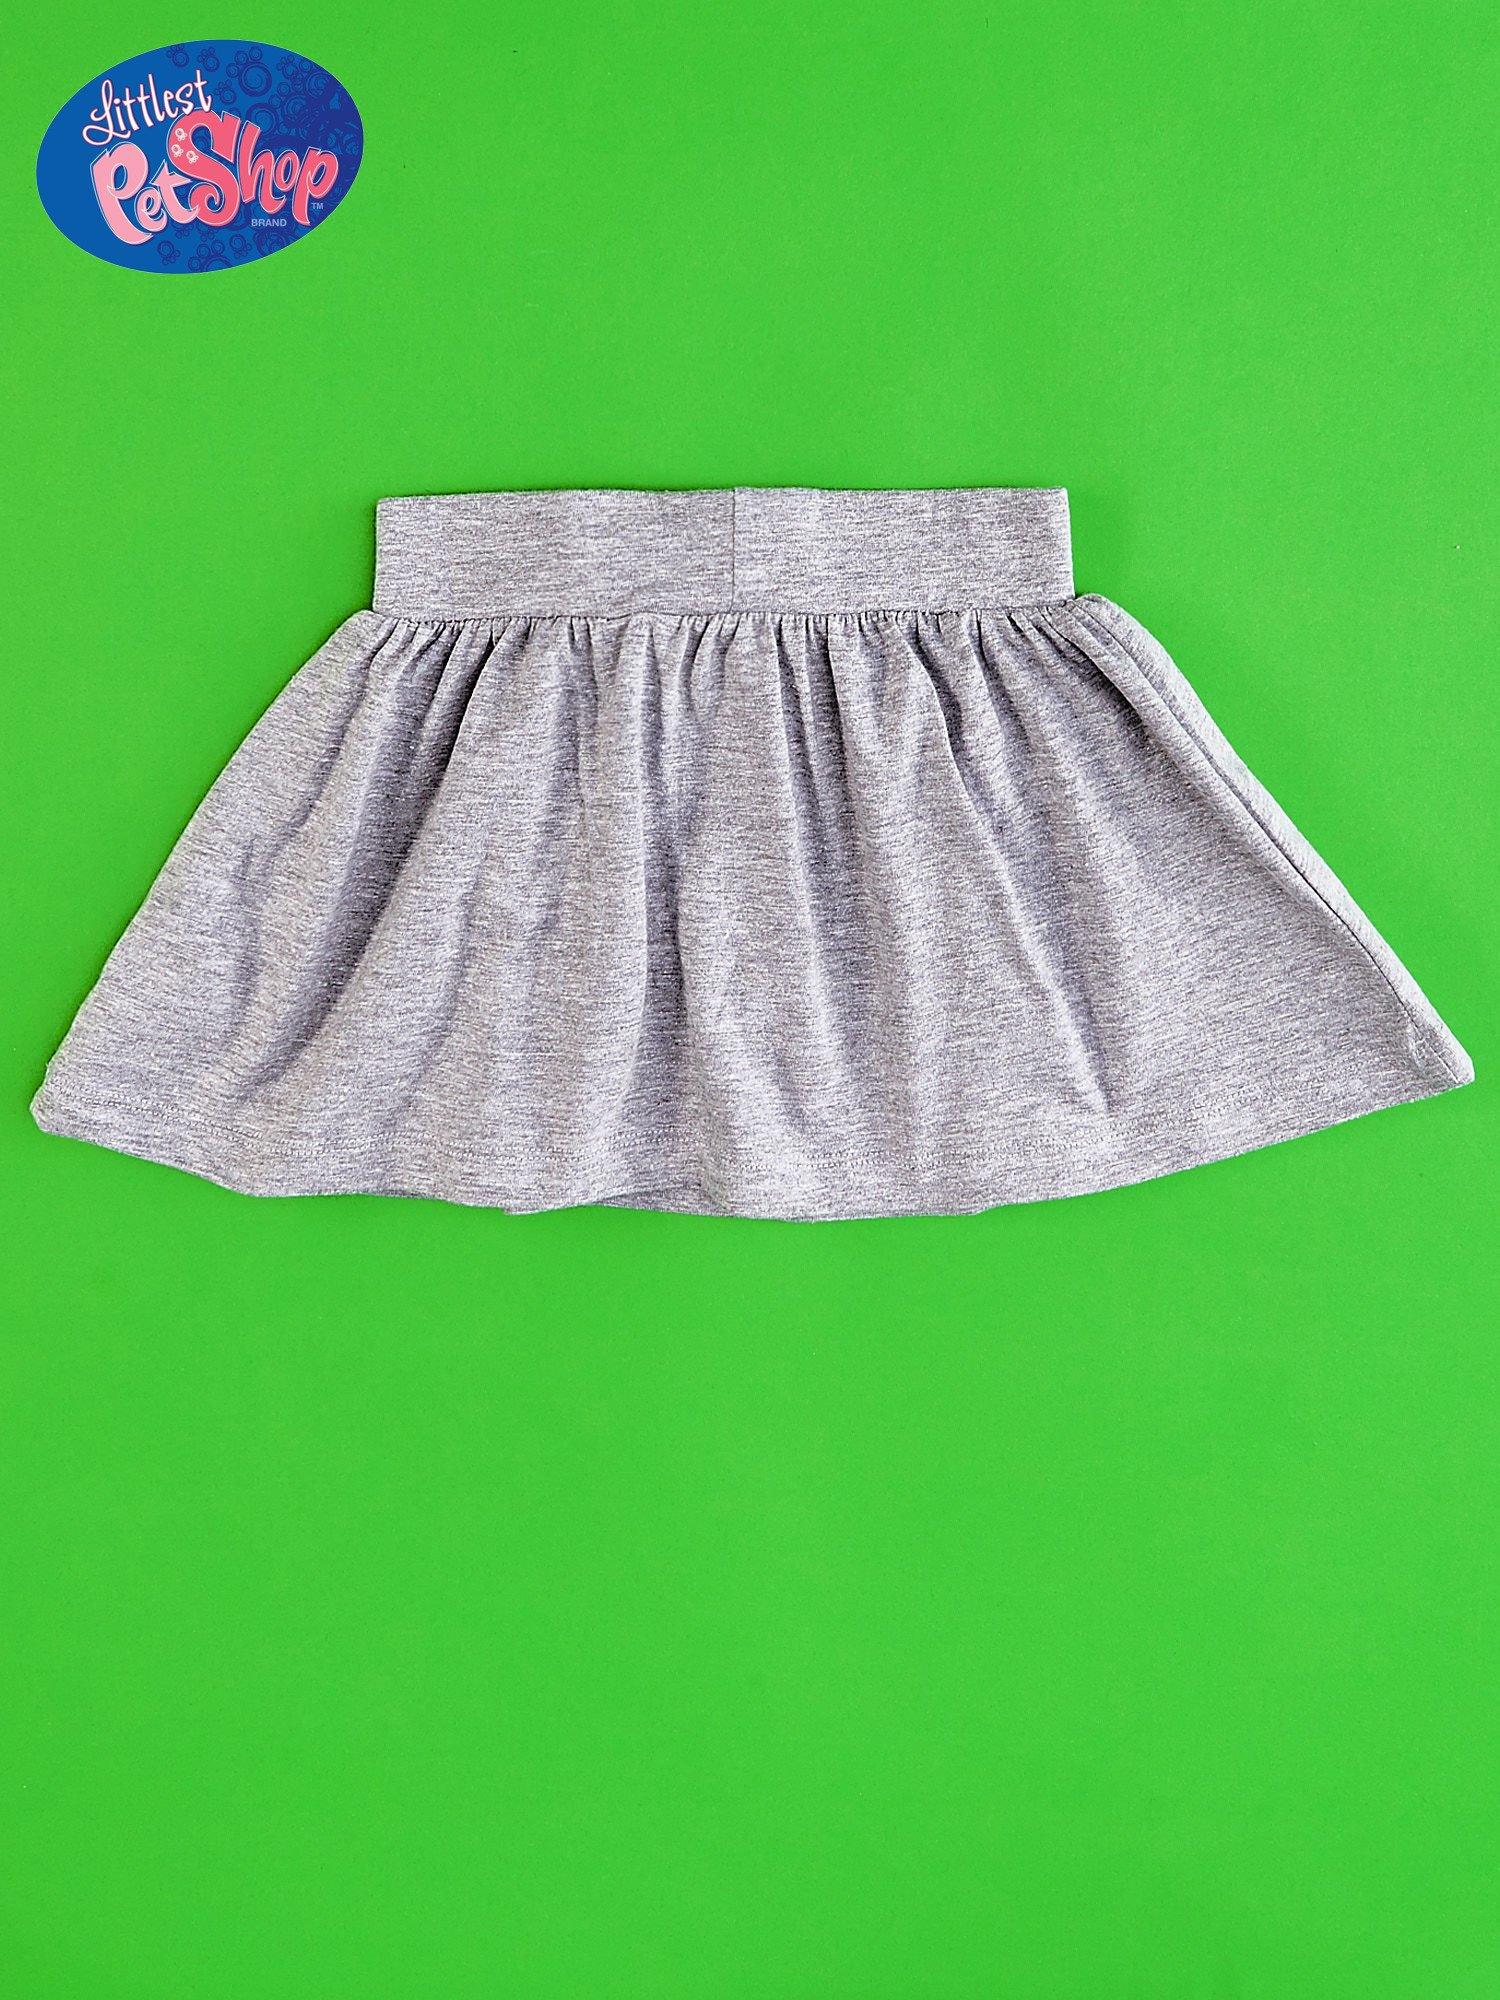 Szara spódnica dla dziewczynki LITTLEST PET SHOP                                  zdj.                                  2